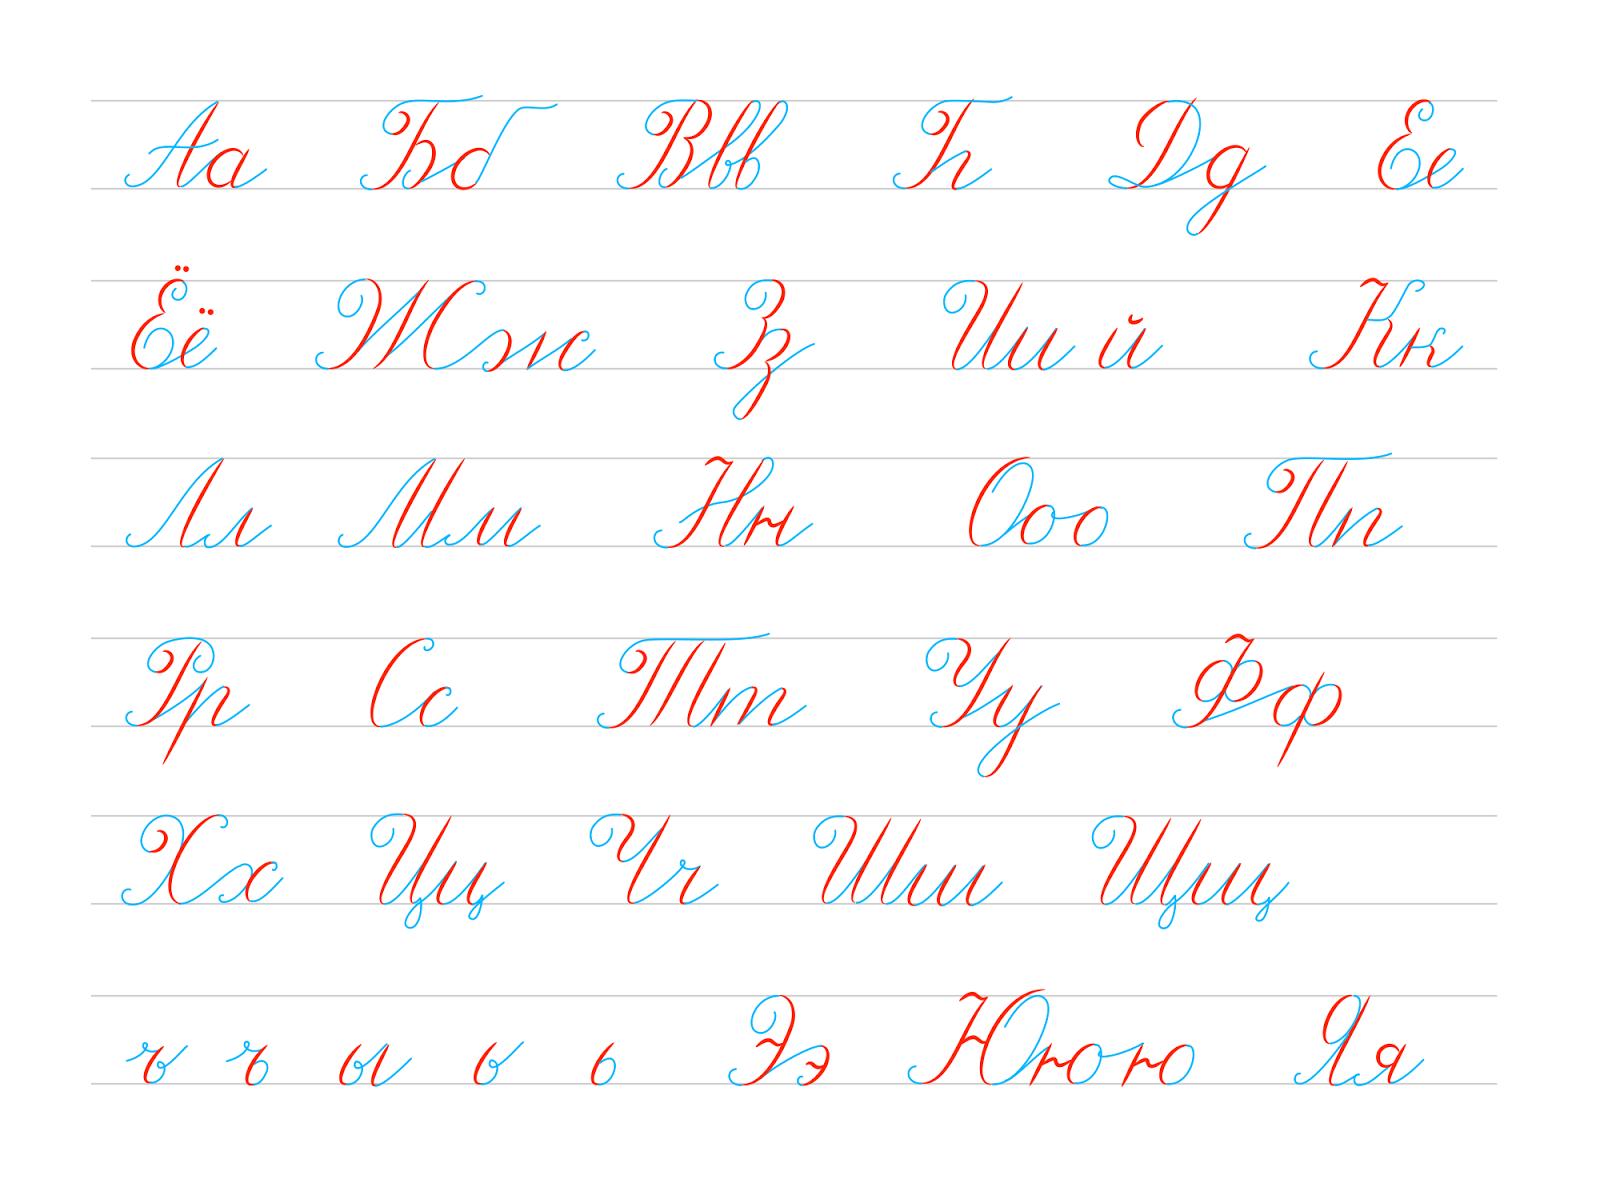 Как из всех заглавных букв сделать прописные буквы 185